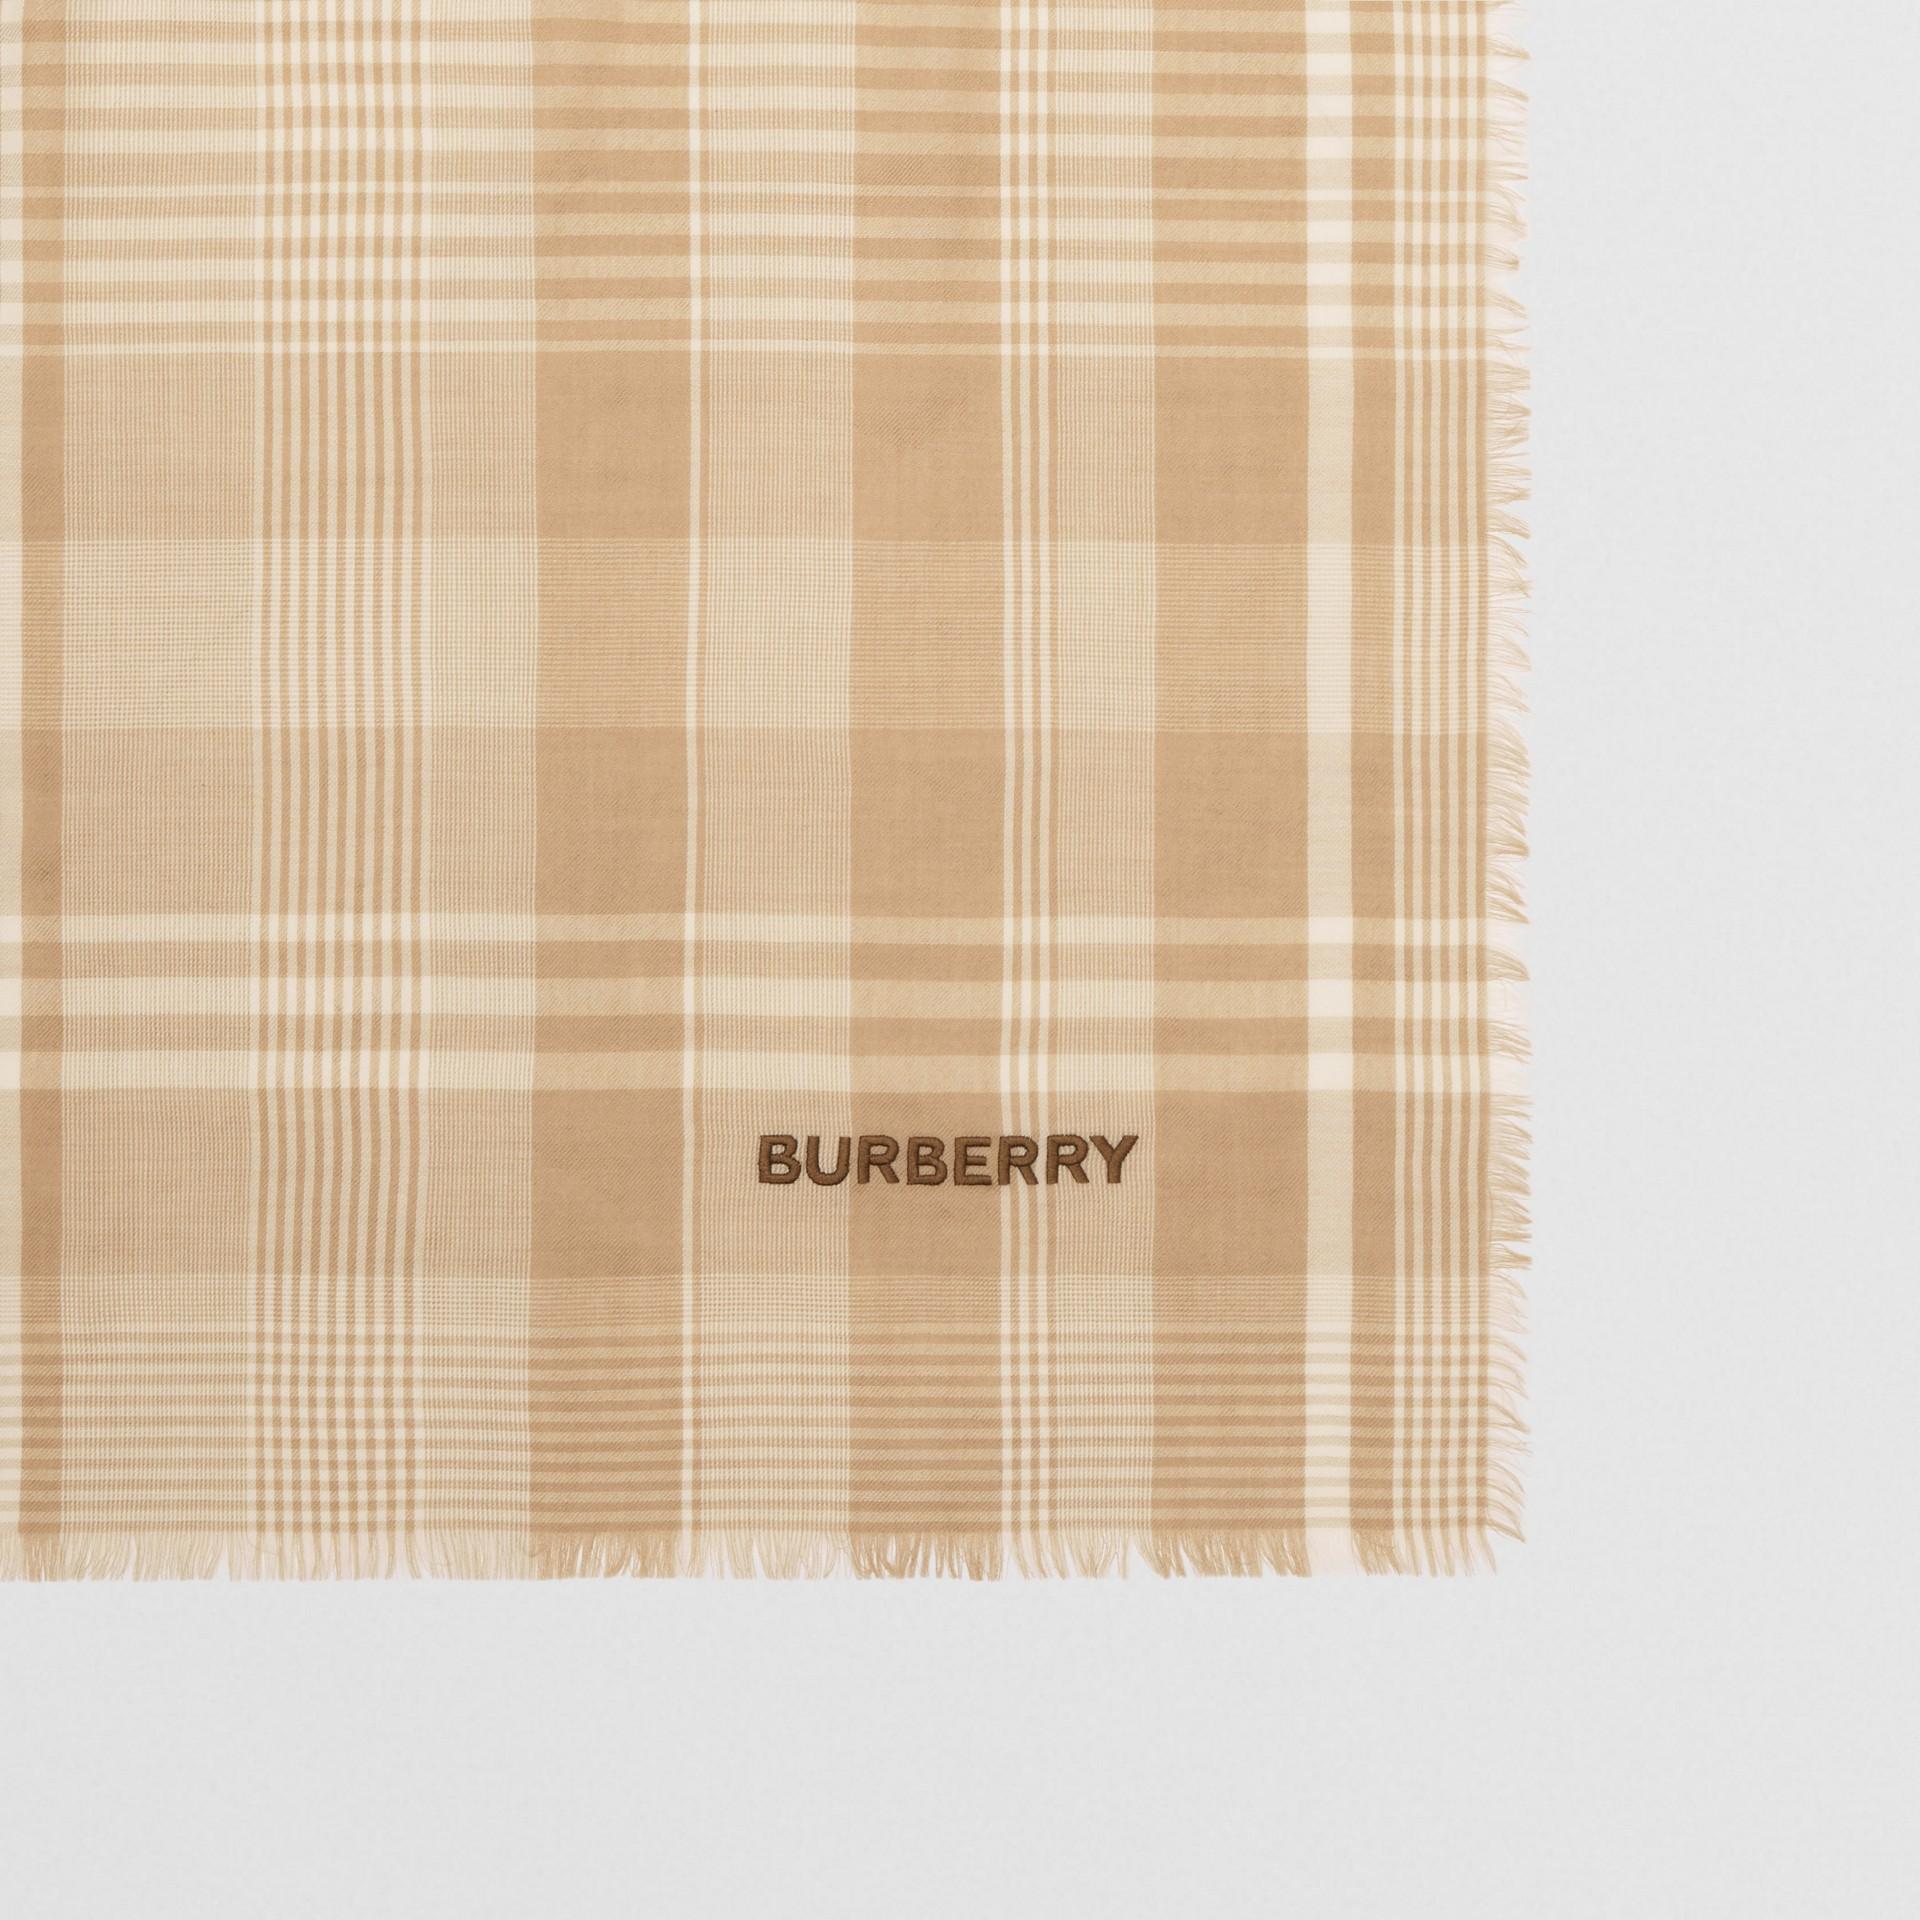 ロゴエンブロイダリー ライトウェイト チェック カシミアスカーフ (アーカイブベージュ/ホワイト) | バーバリー - ギャラリーイメージ 1